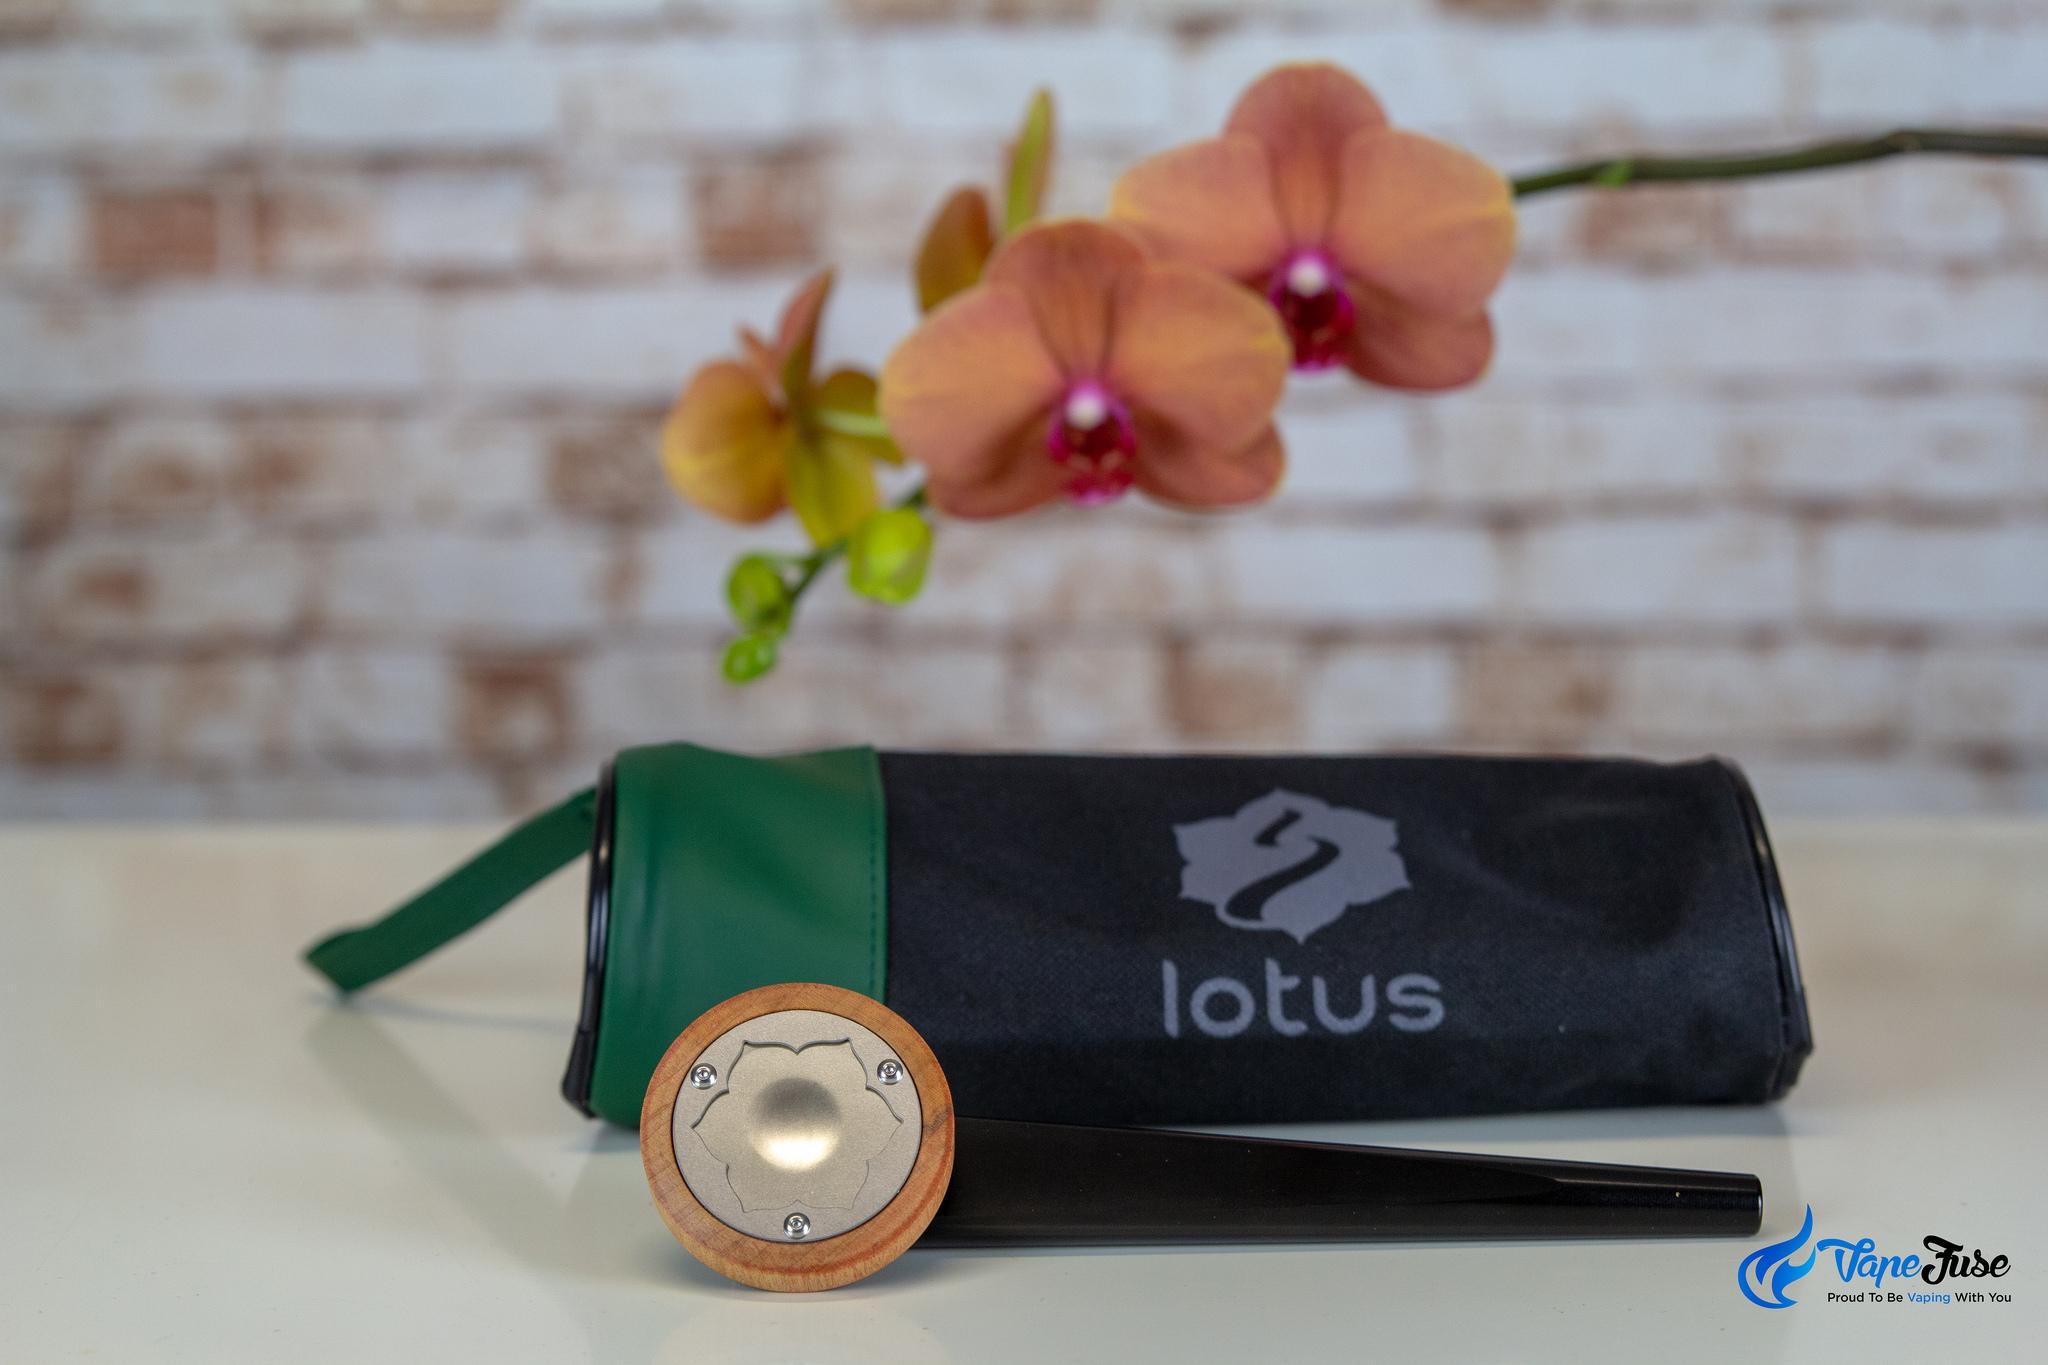 Lotus Vape